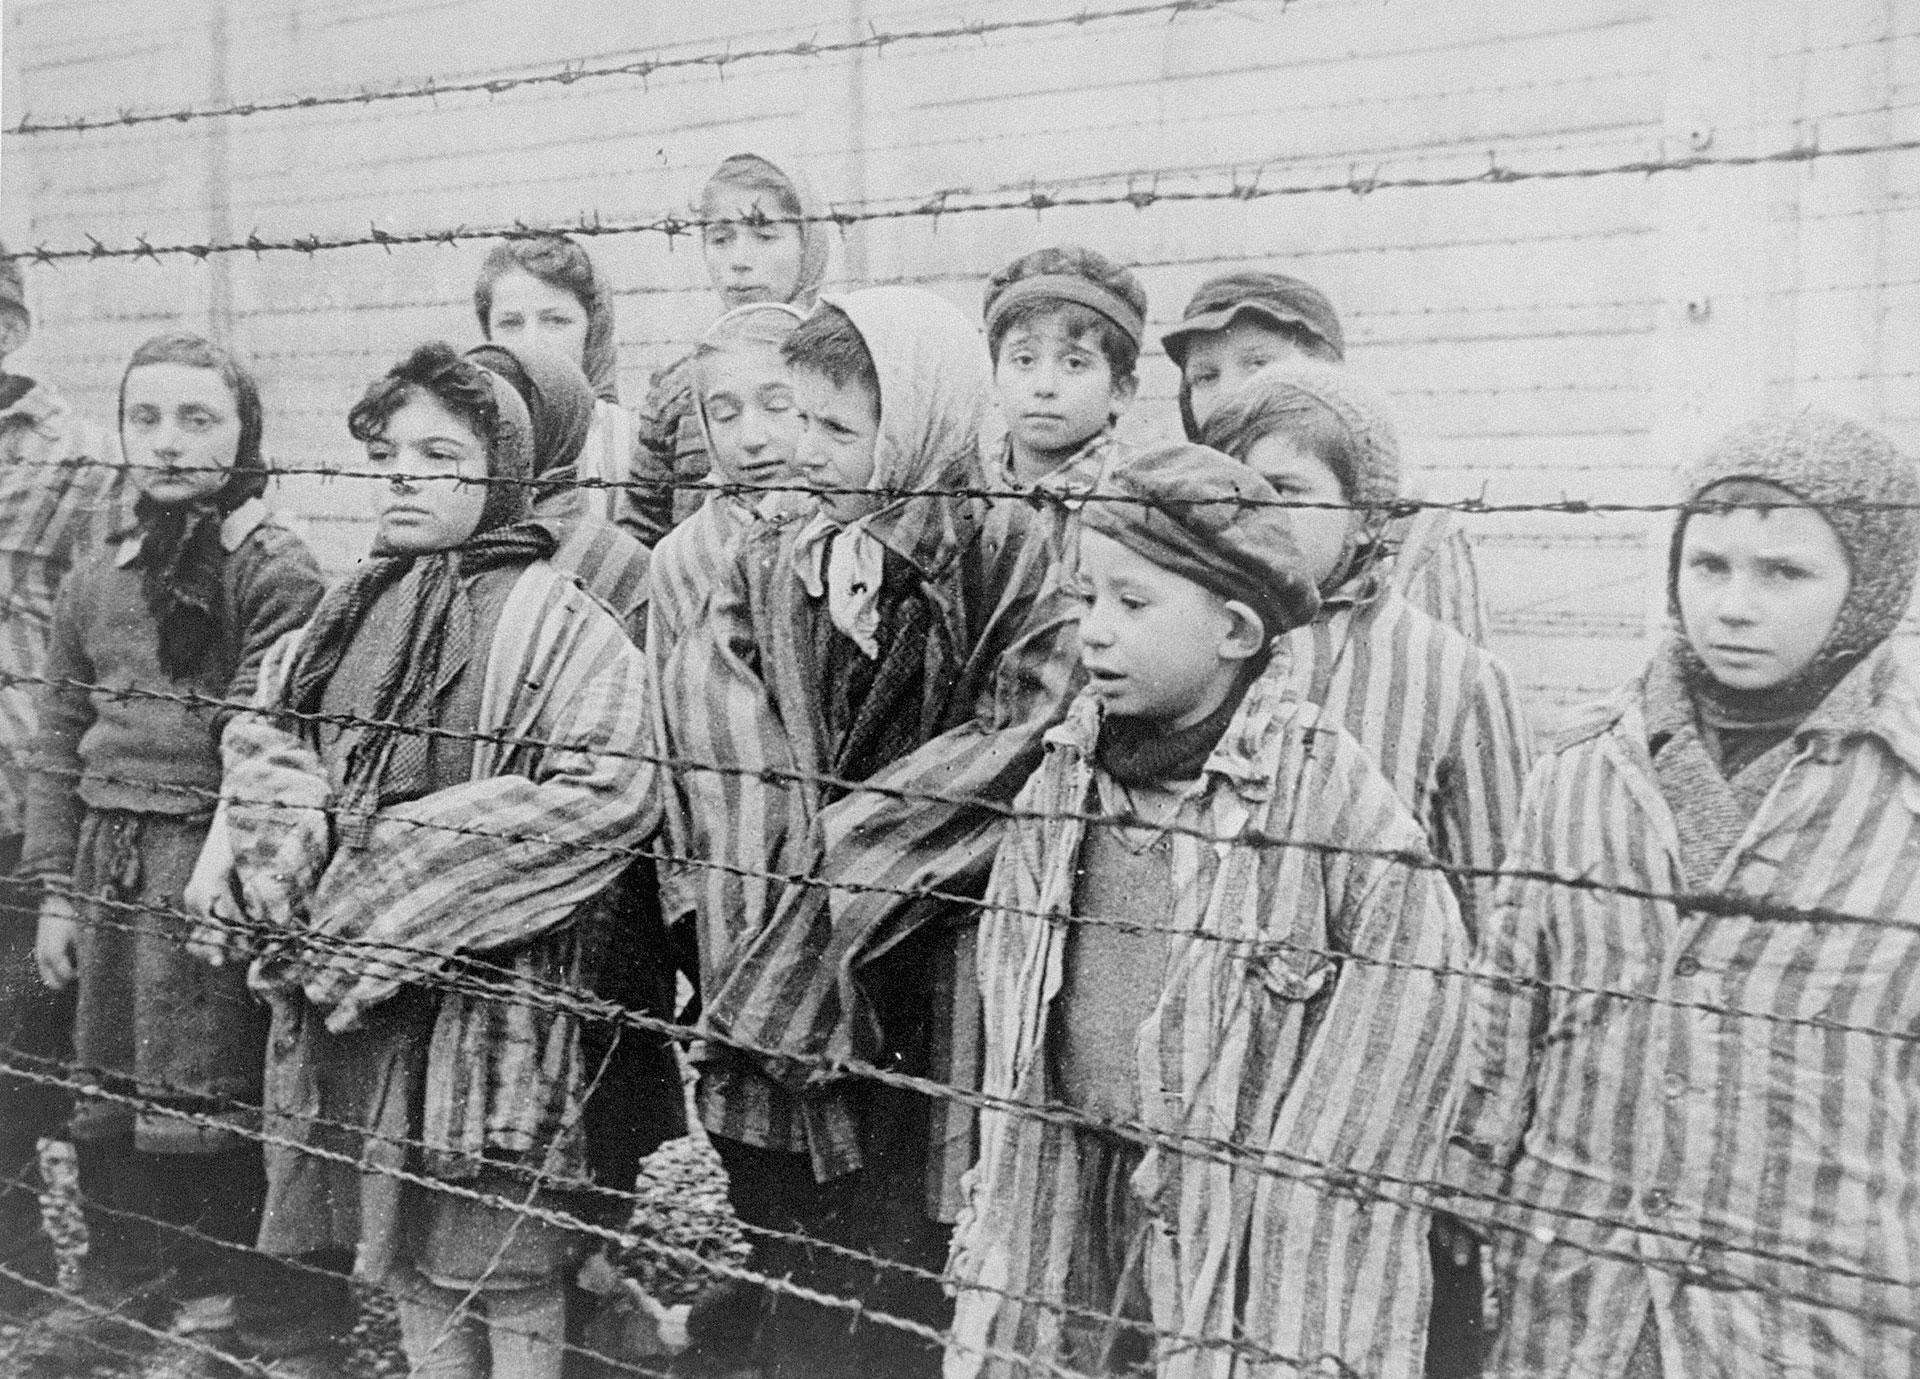 Un grupo de niños, entre los prisioneros del campo